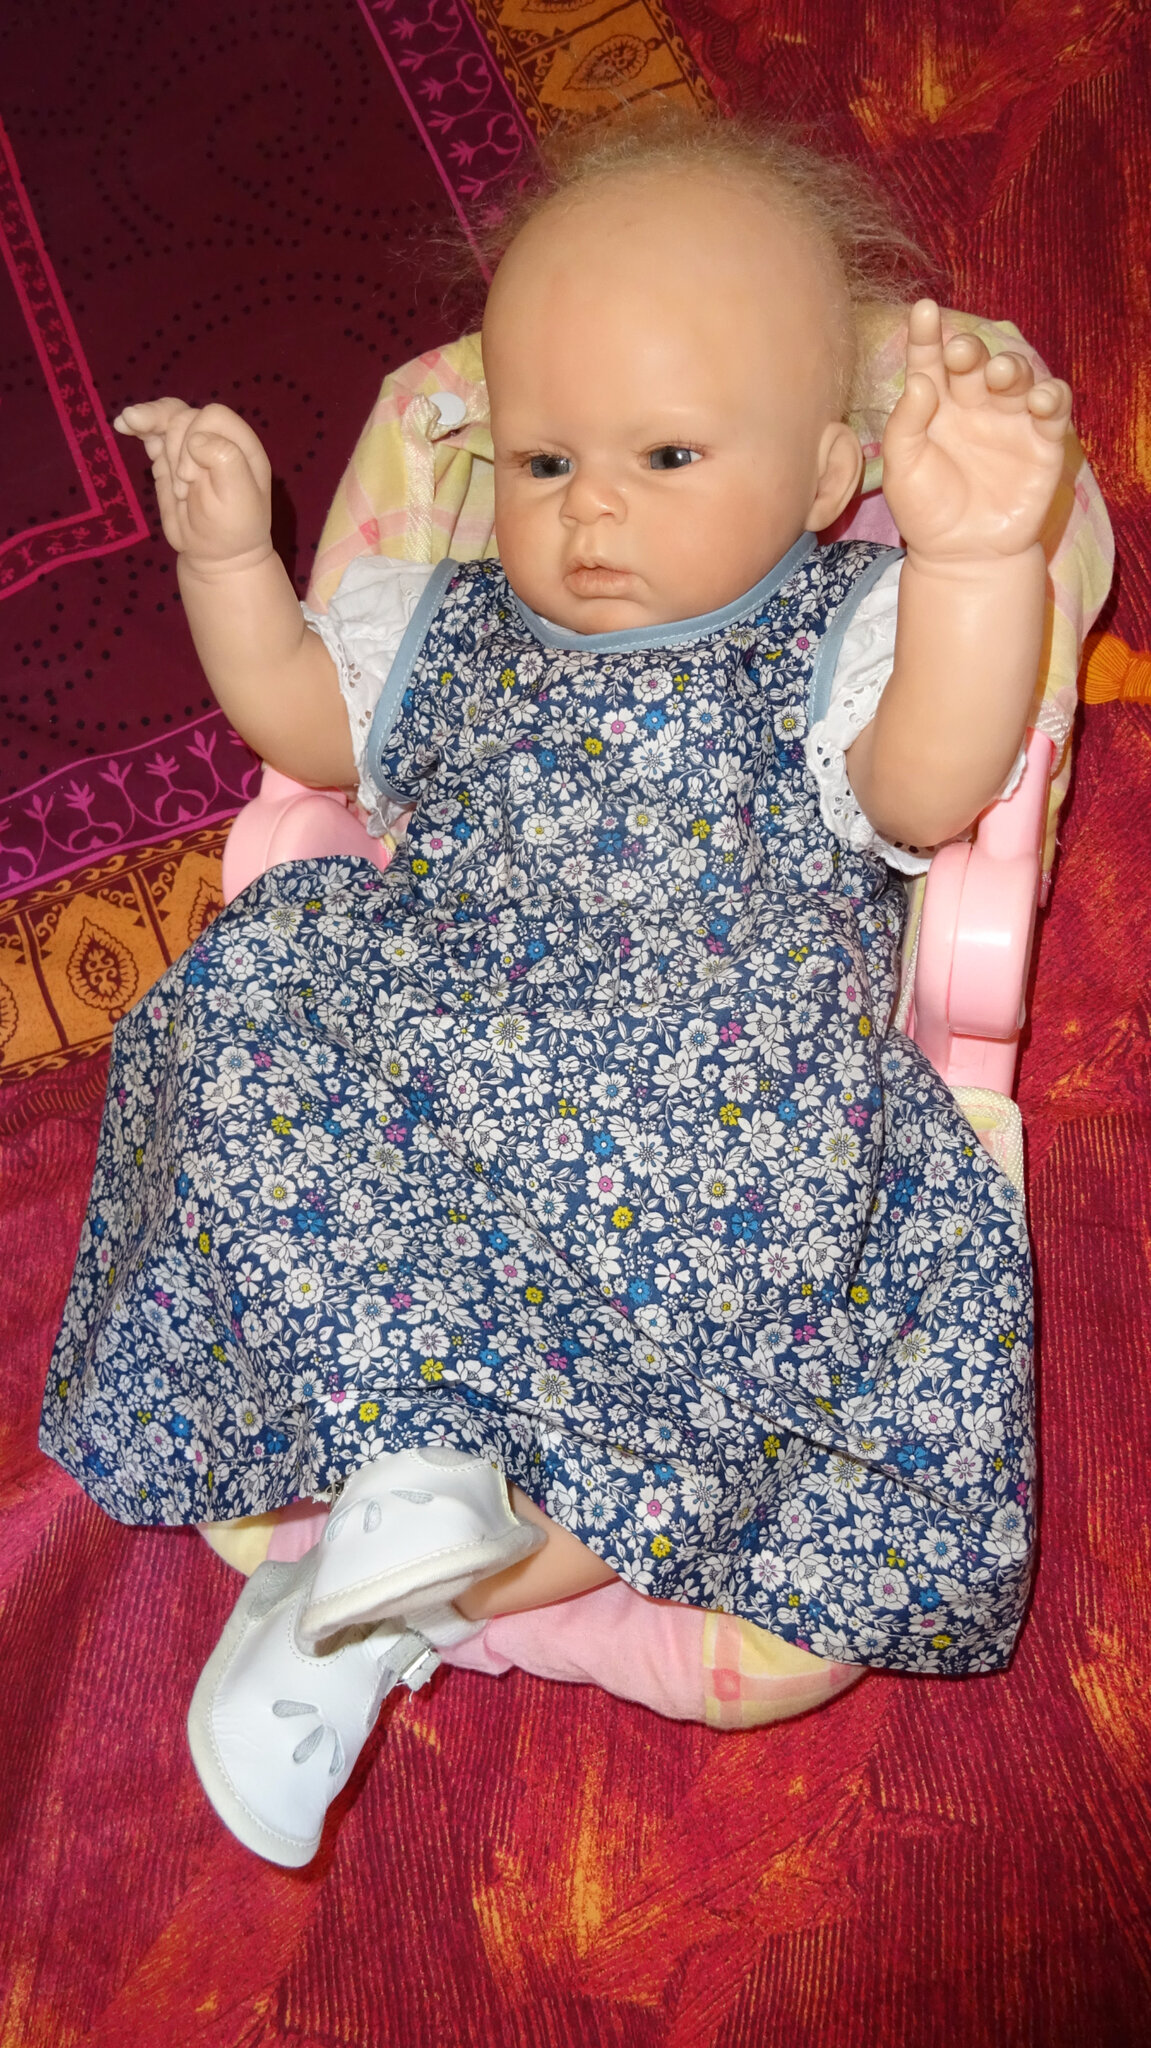 Robe pour bébé taille 3/6 mois - ANNE COUTURE CREATIONS -Robes de ...